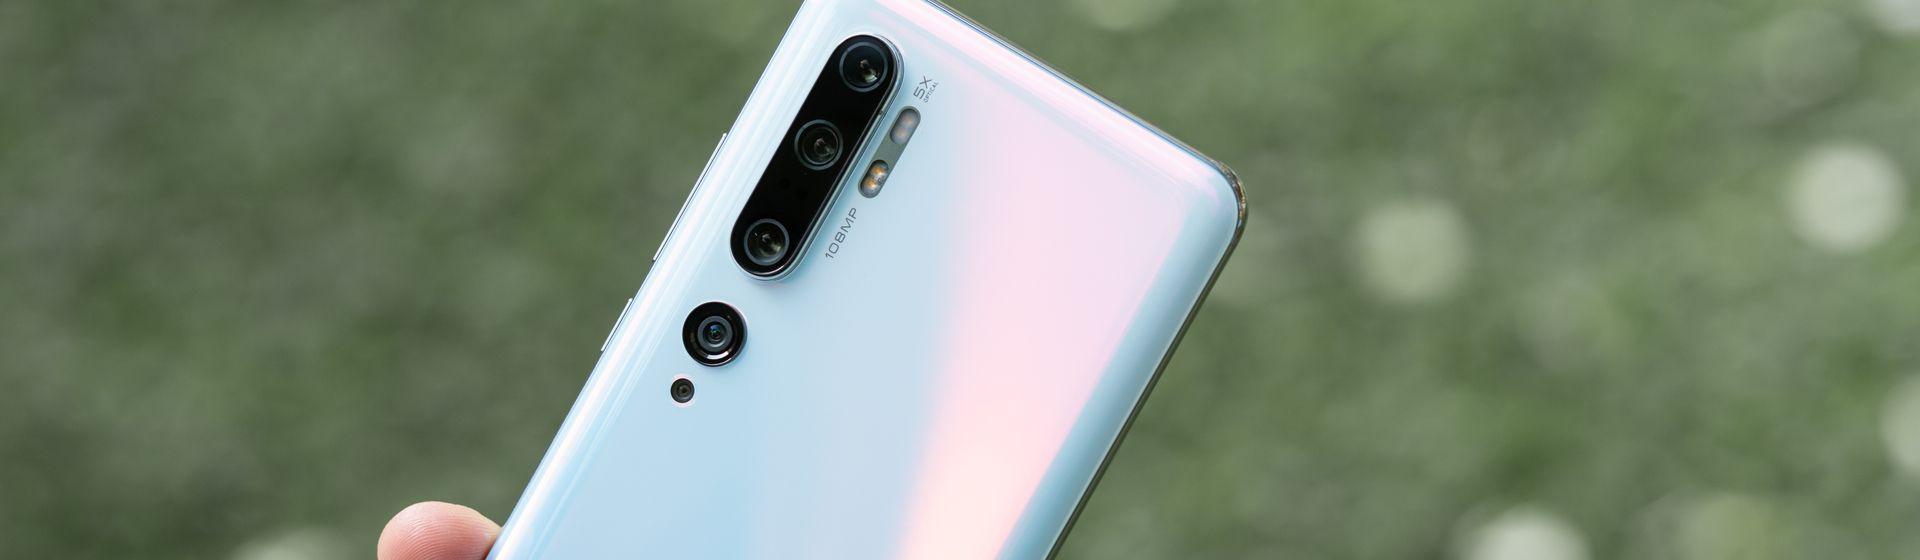 O que significa 'megapixels' na câmera do celular?